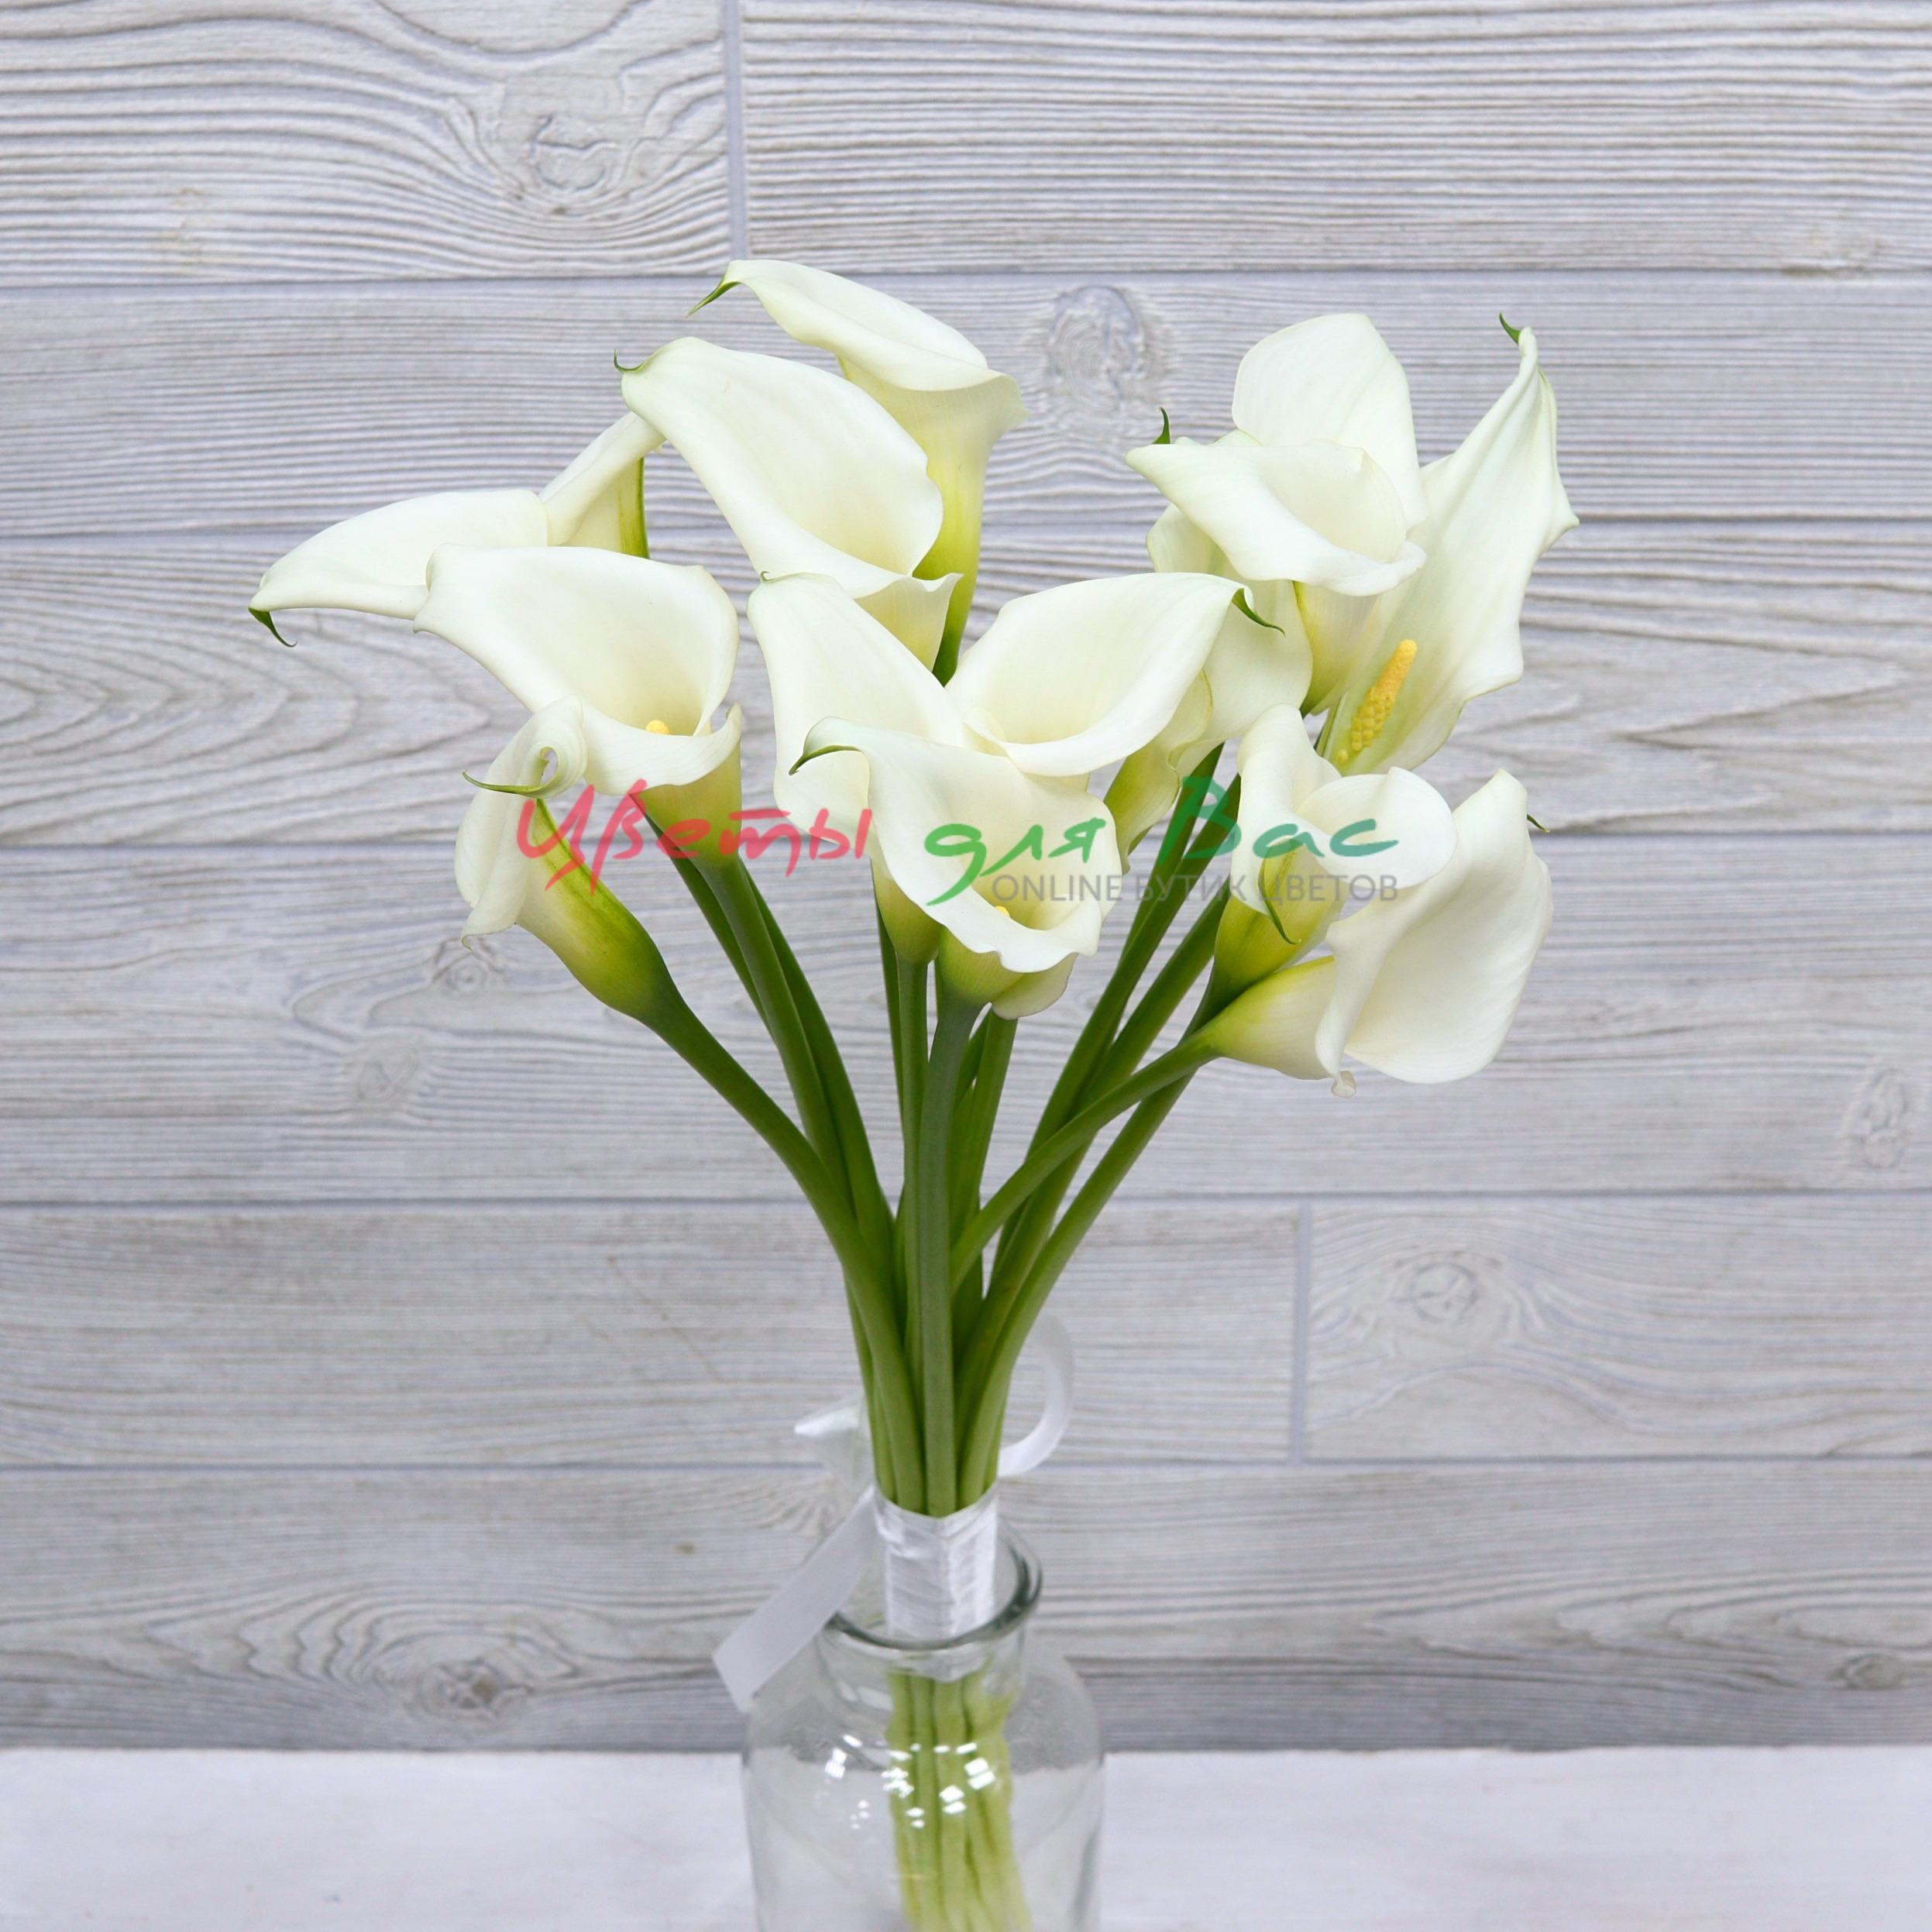 Садовых цветов, цветы каллы купить днепр